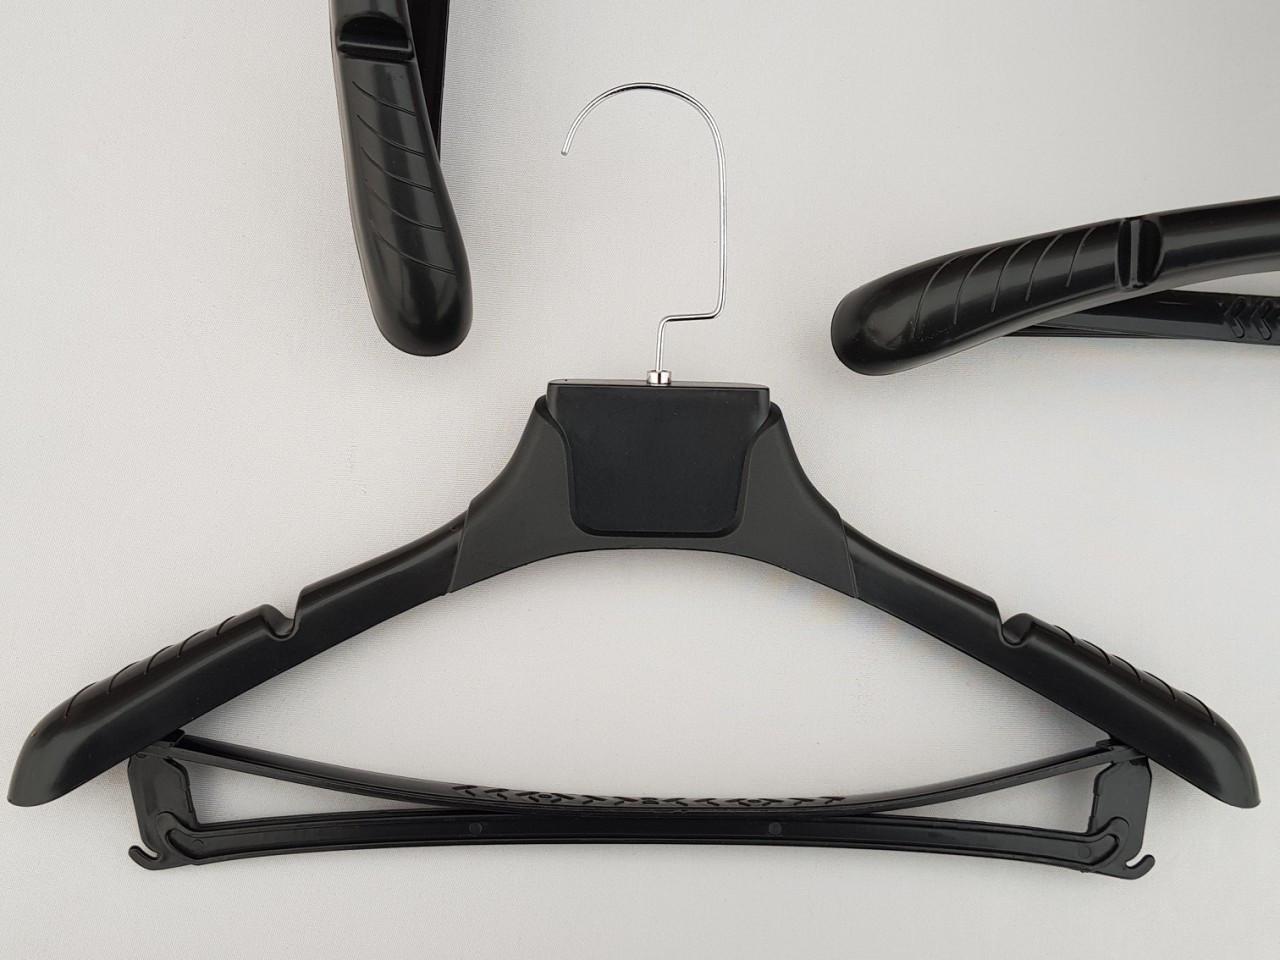 Длина 38,5 см. Плечики вешалки пластмассовые TZP8821 с антискользящим ребристым плечом черного цвета